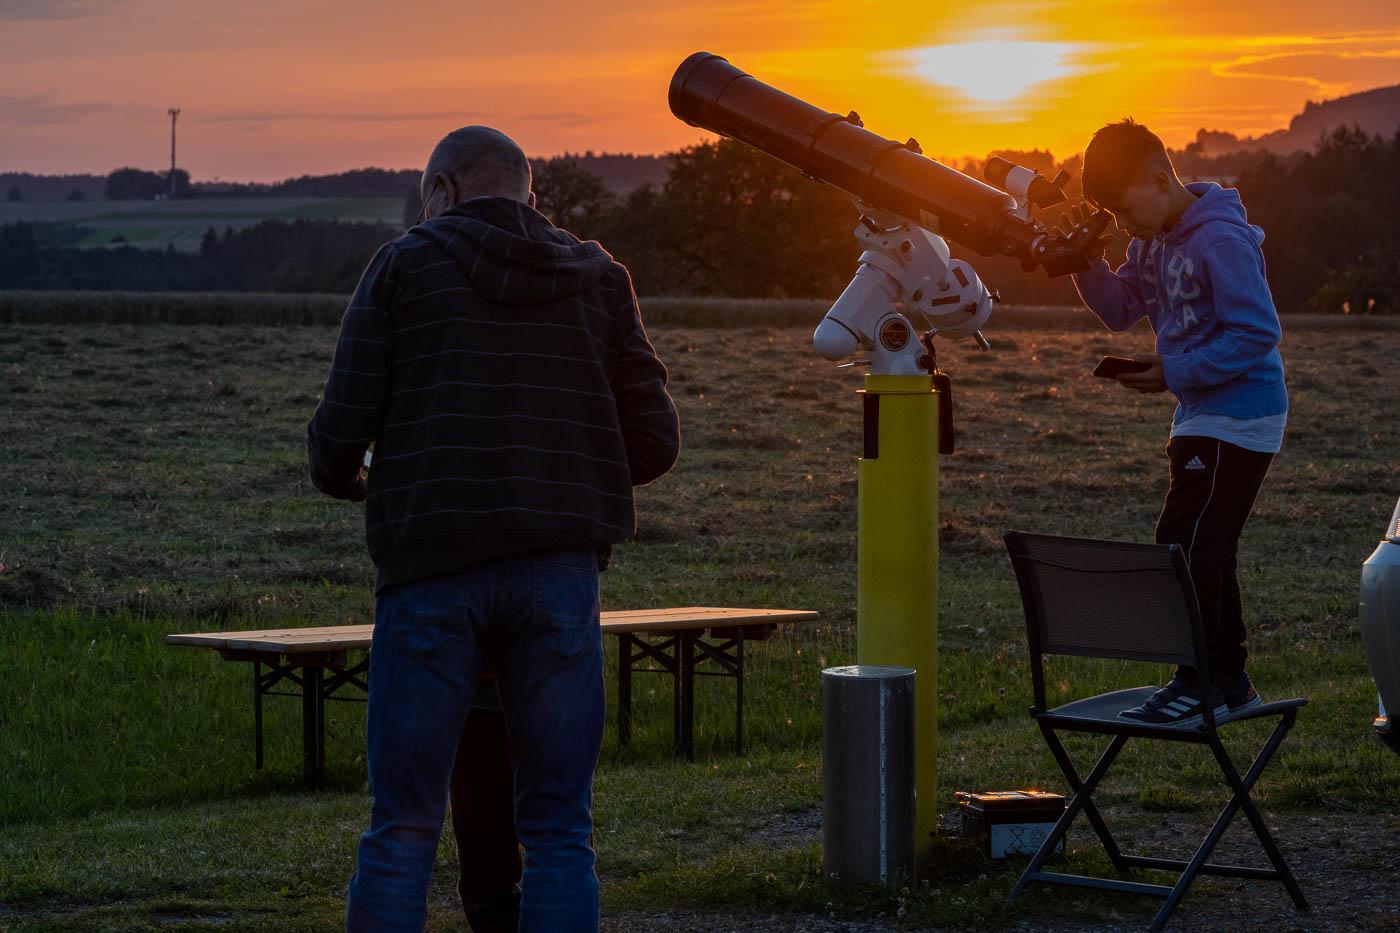 Sonnenuntergang bei der Sternwarte Weisbach